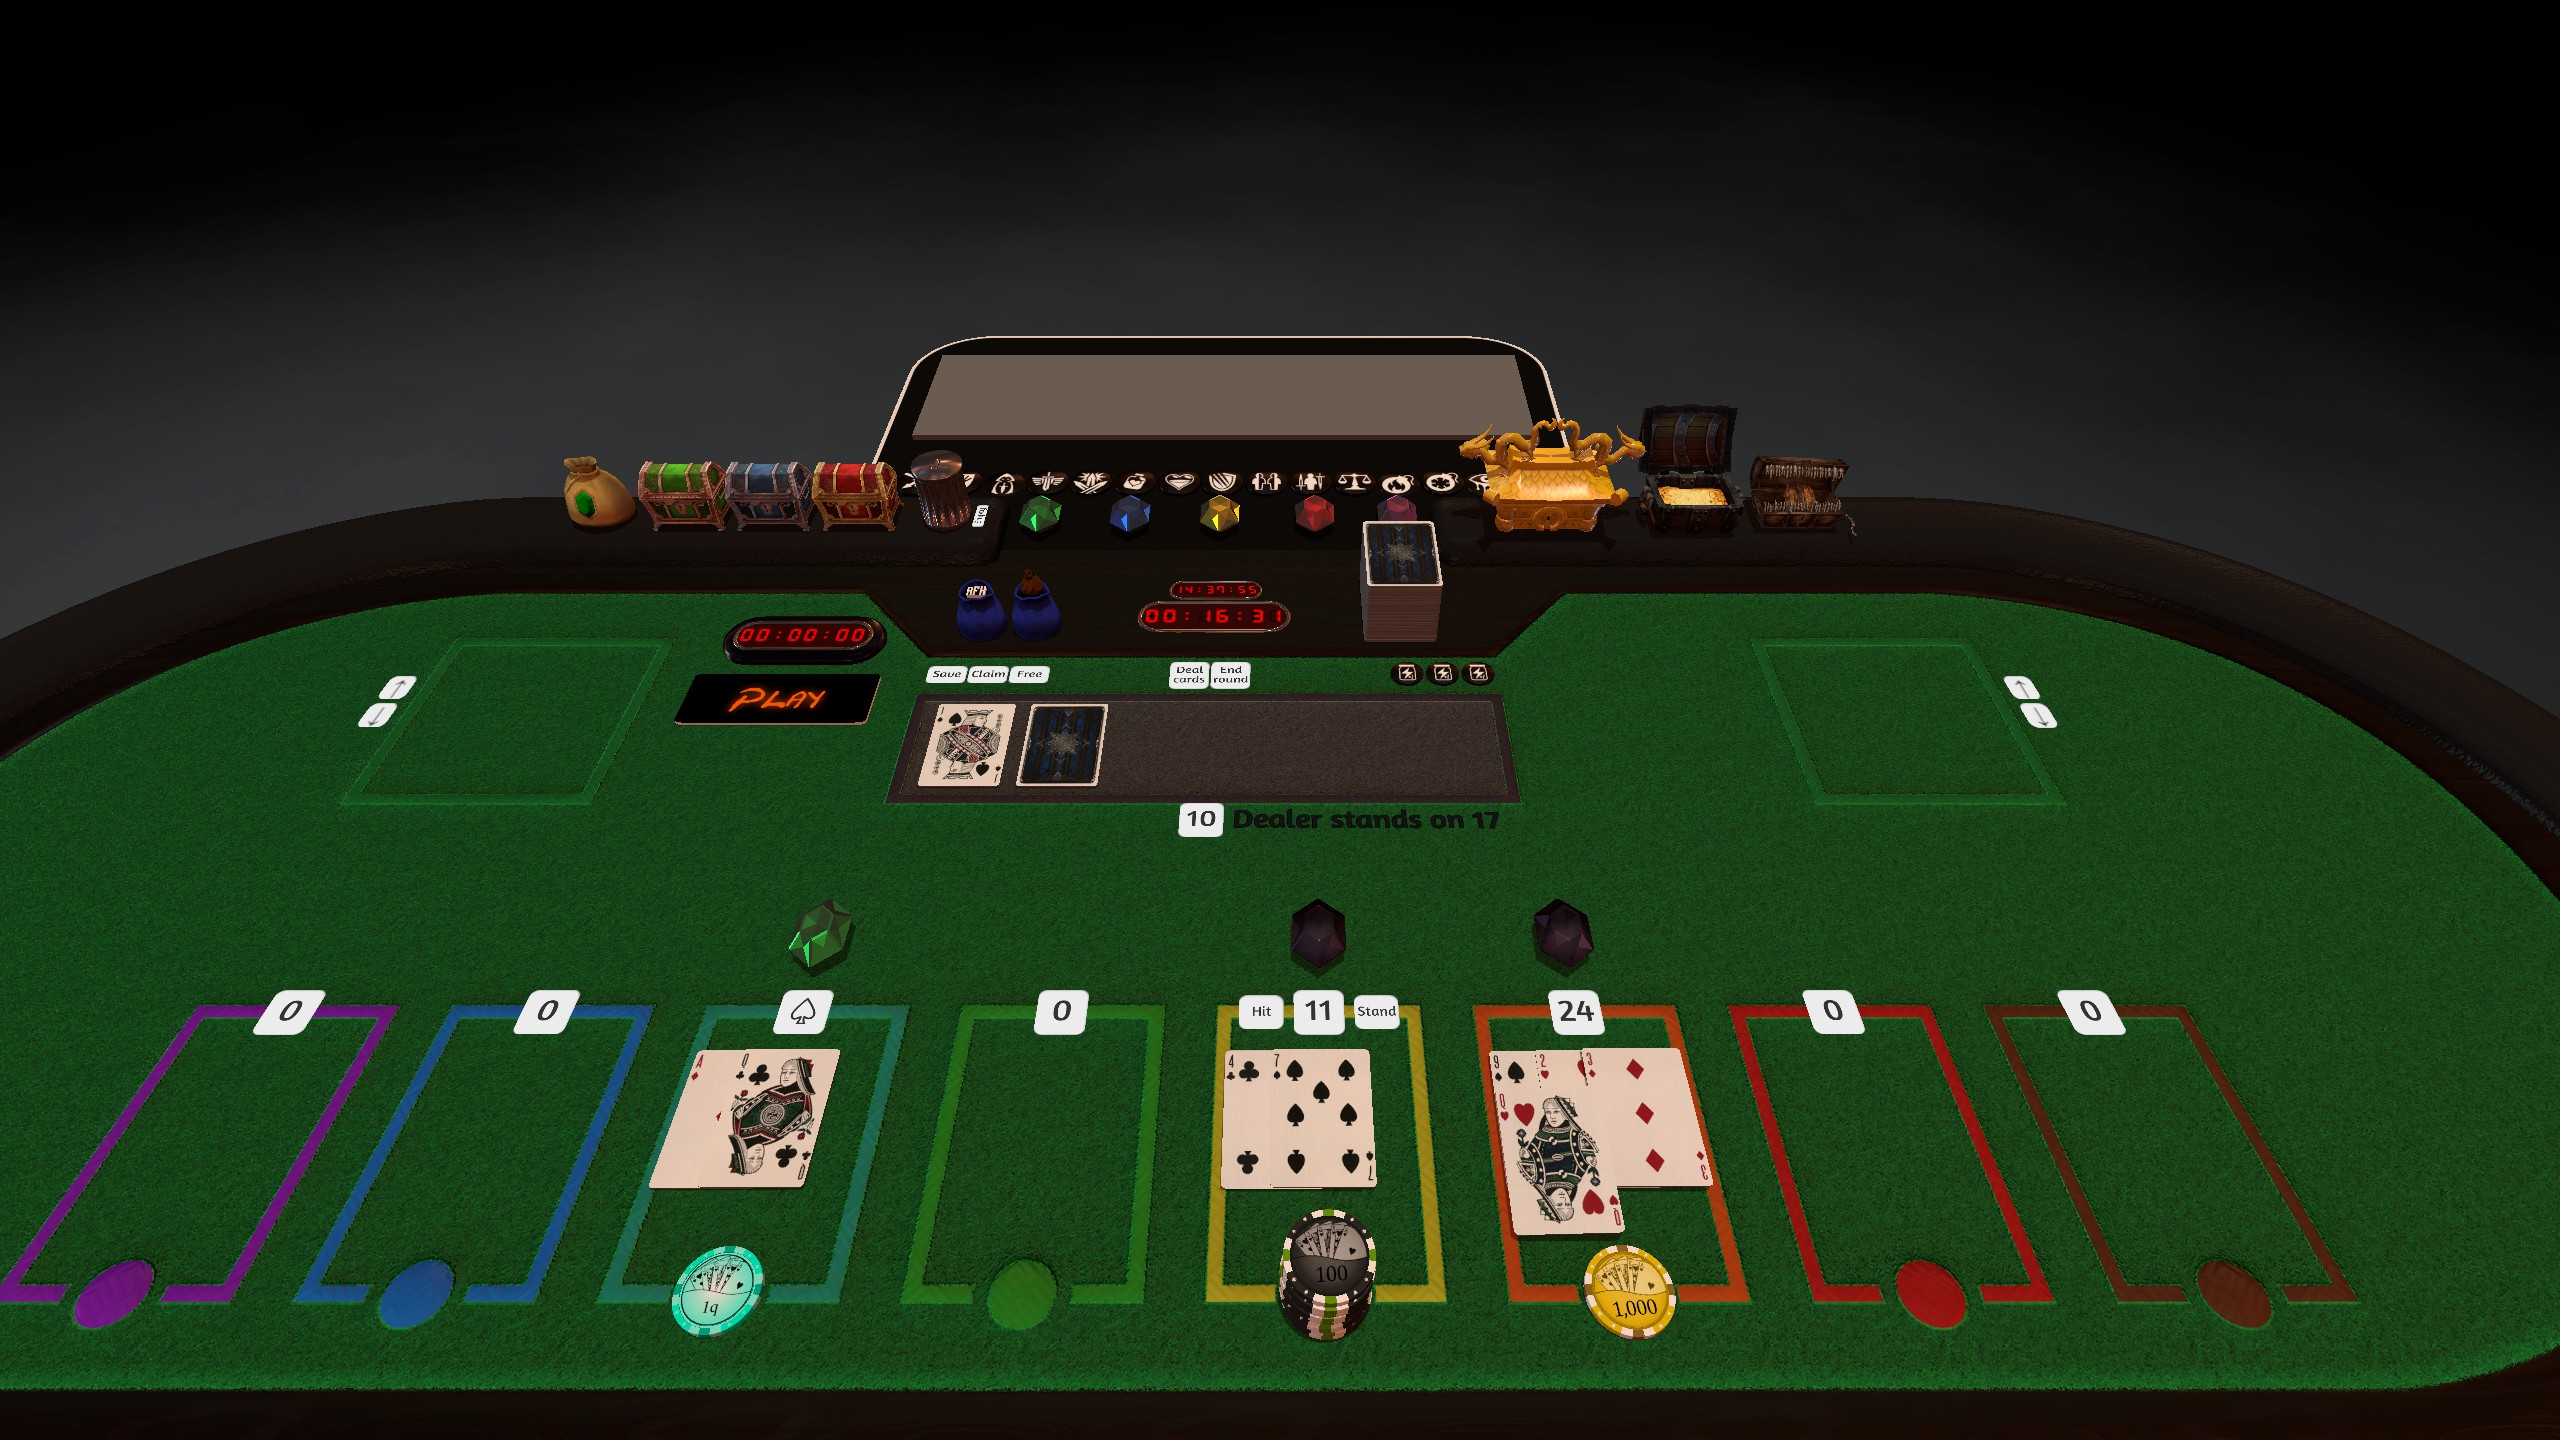 Automated Blackjack